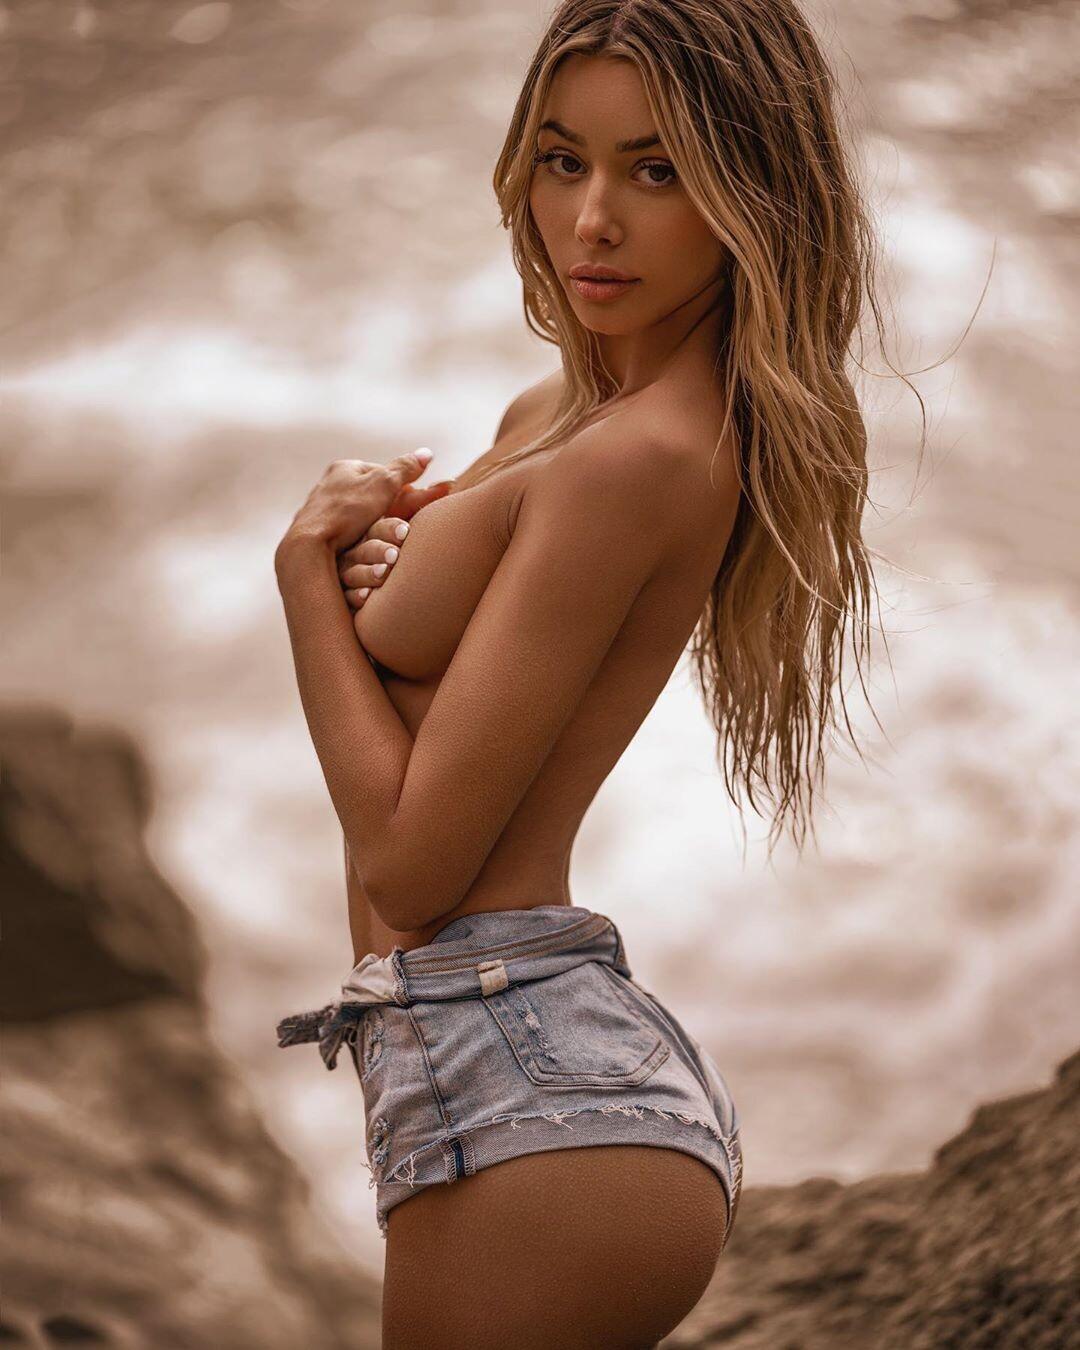 Naked Models Porn Category